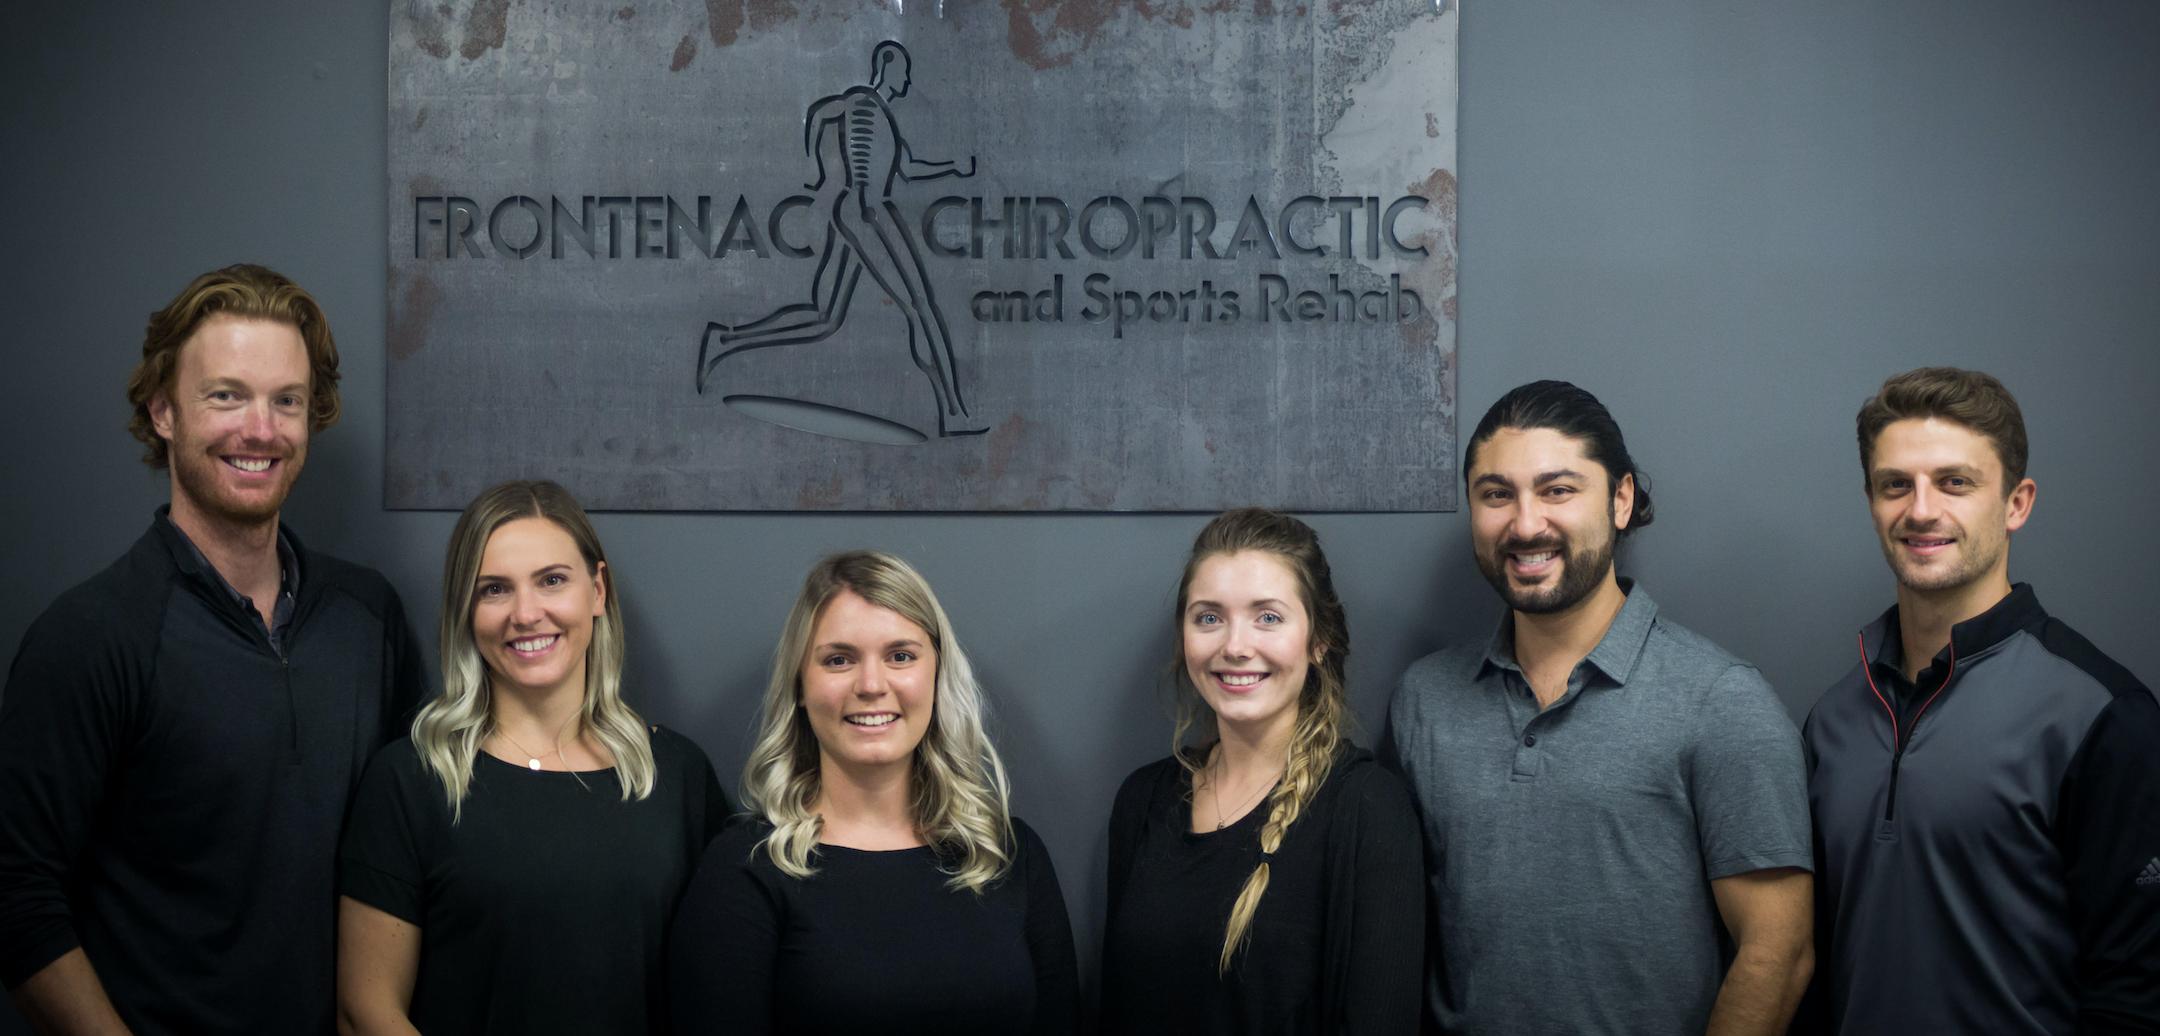 Frontenac Chiropractic